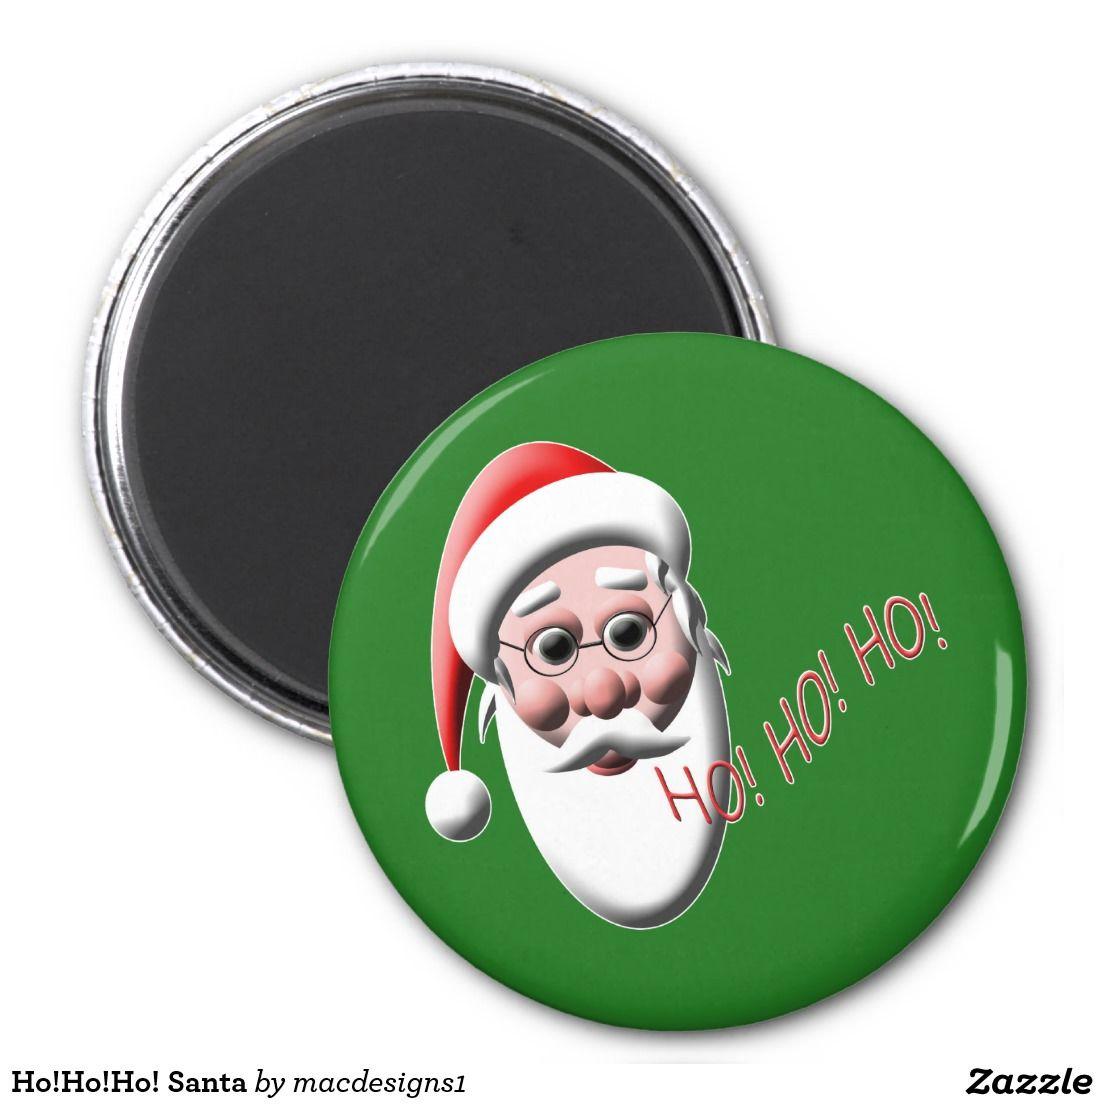 hohoho santa 2 inch round magnet - Santa Hohoho 2